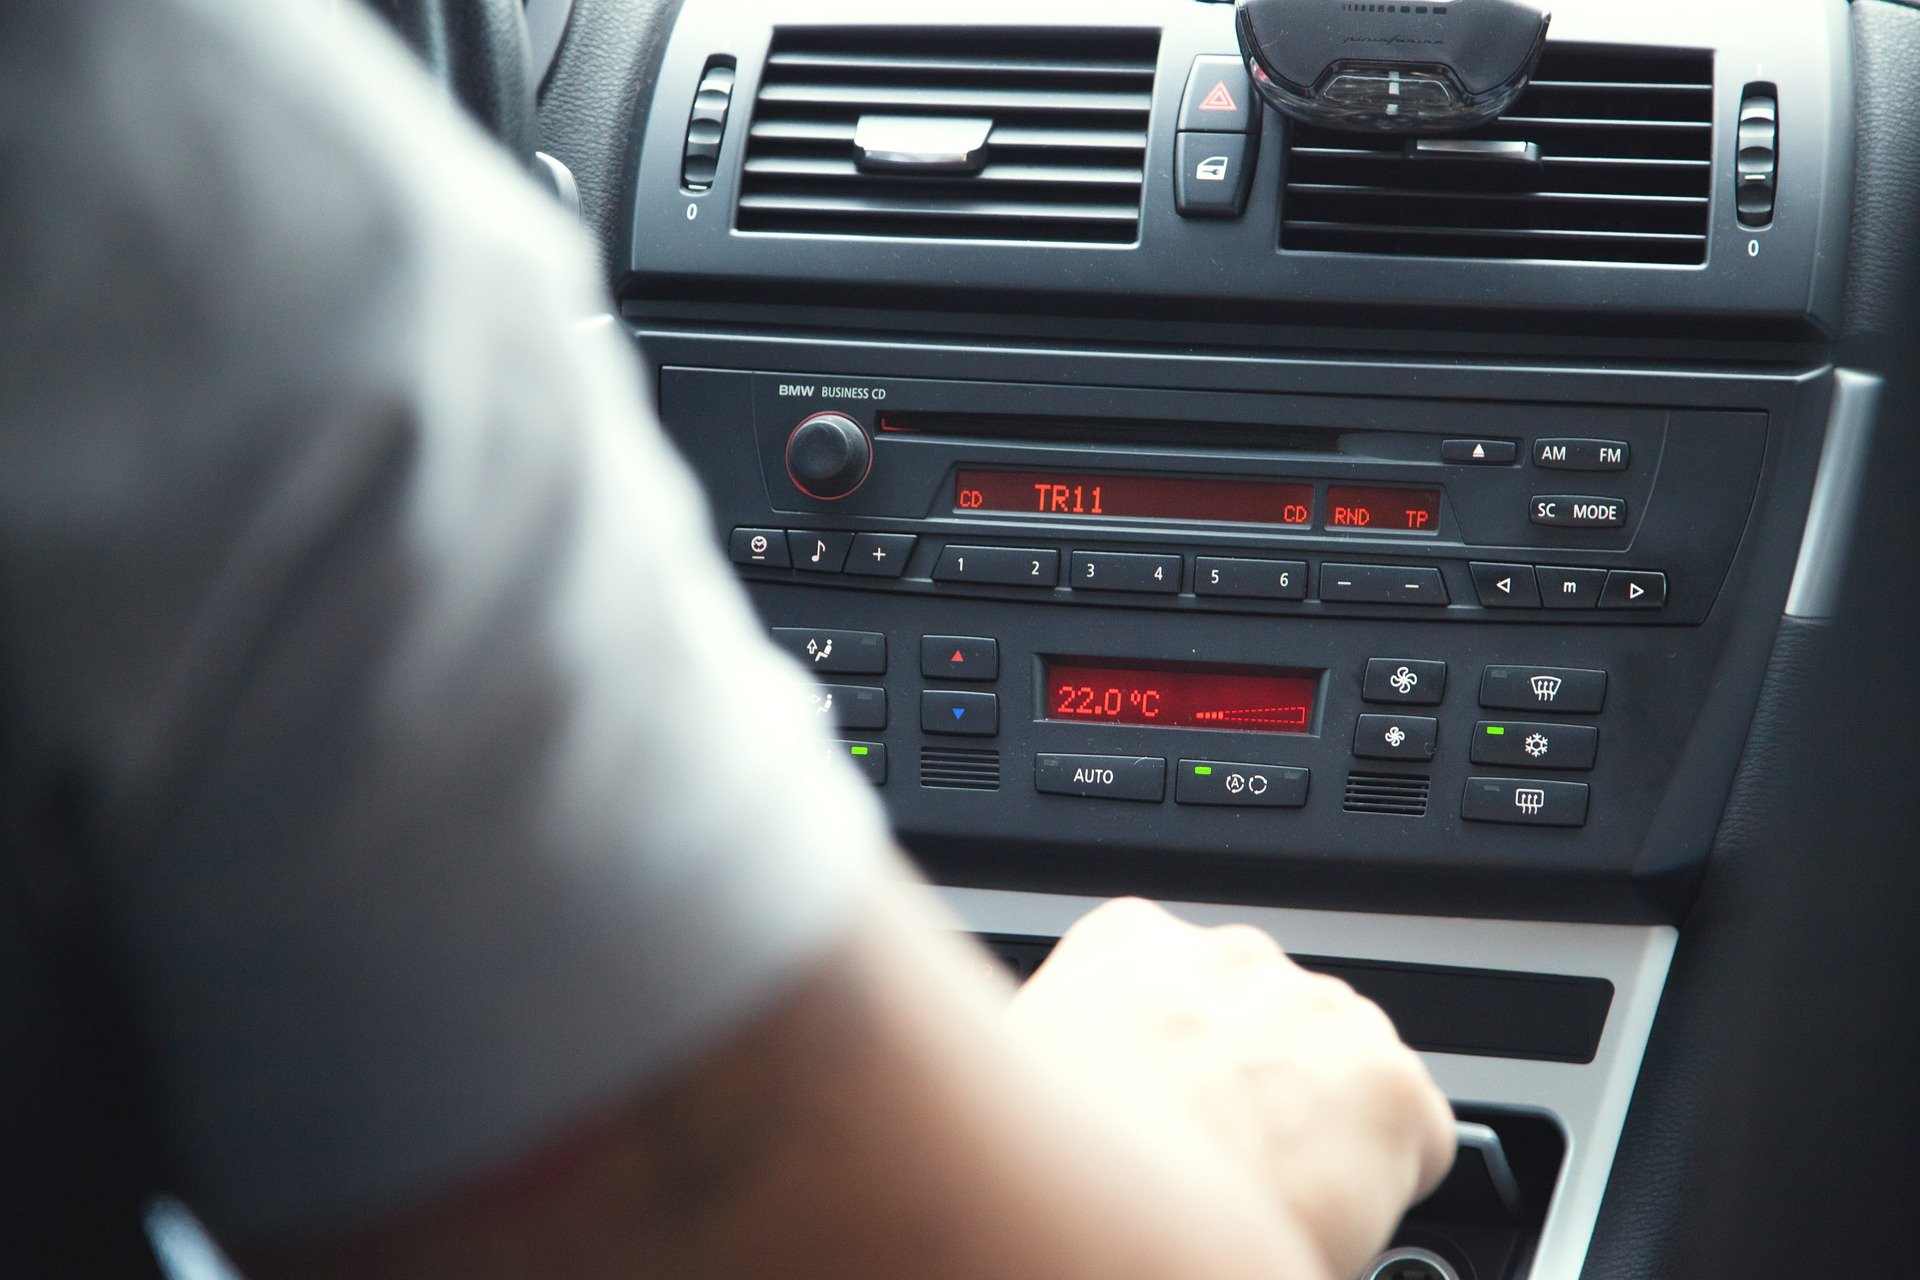 Foto do painel de um carro todo preto. Imagem ilustrativa para o texto sujeiras comuns em carros.